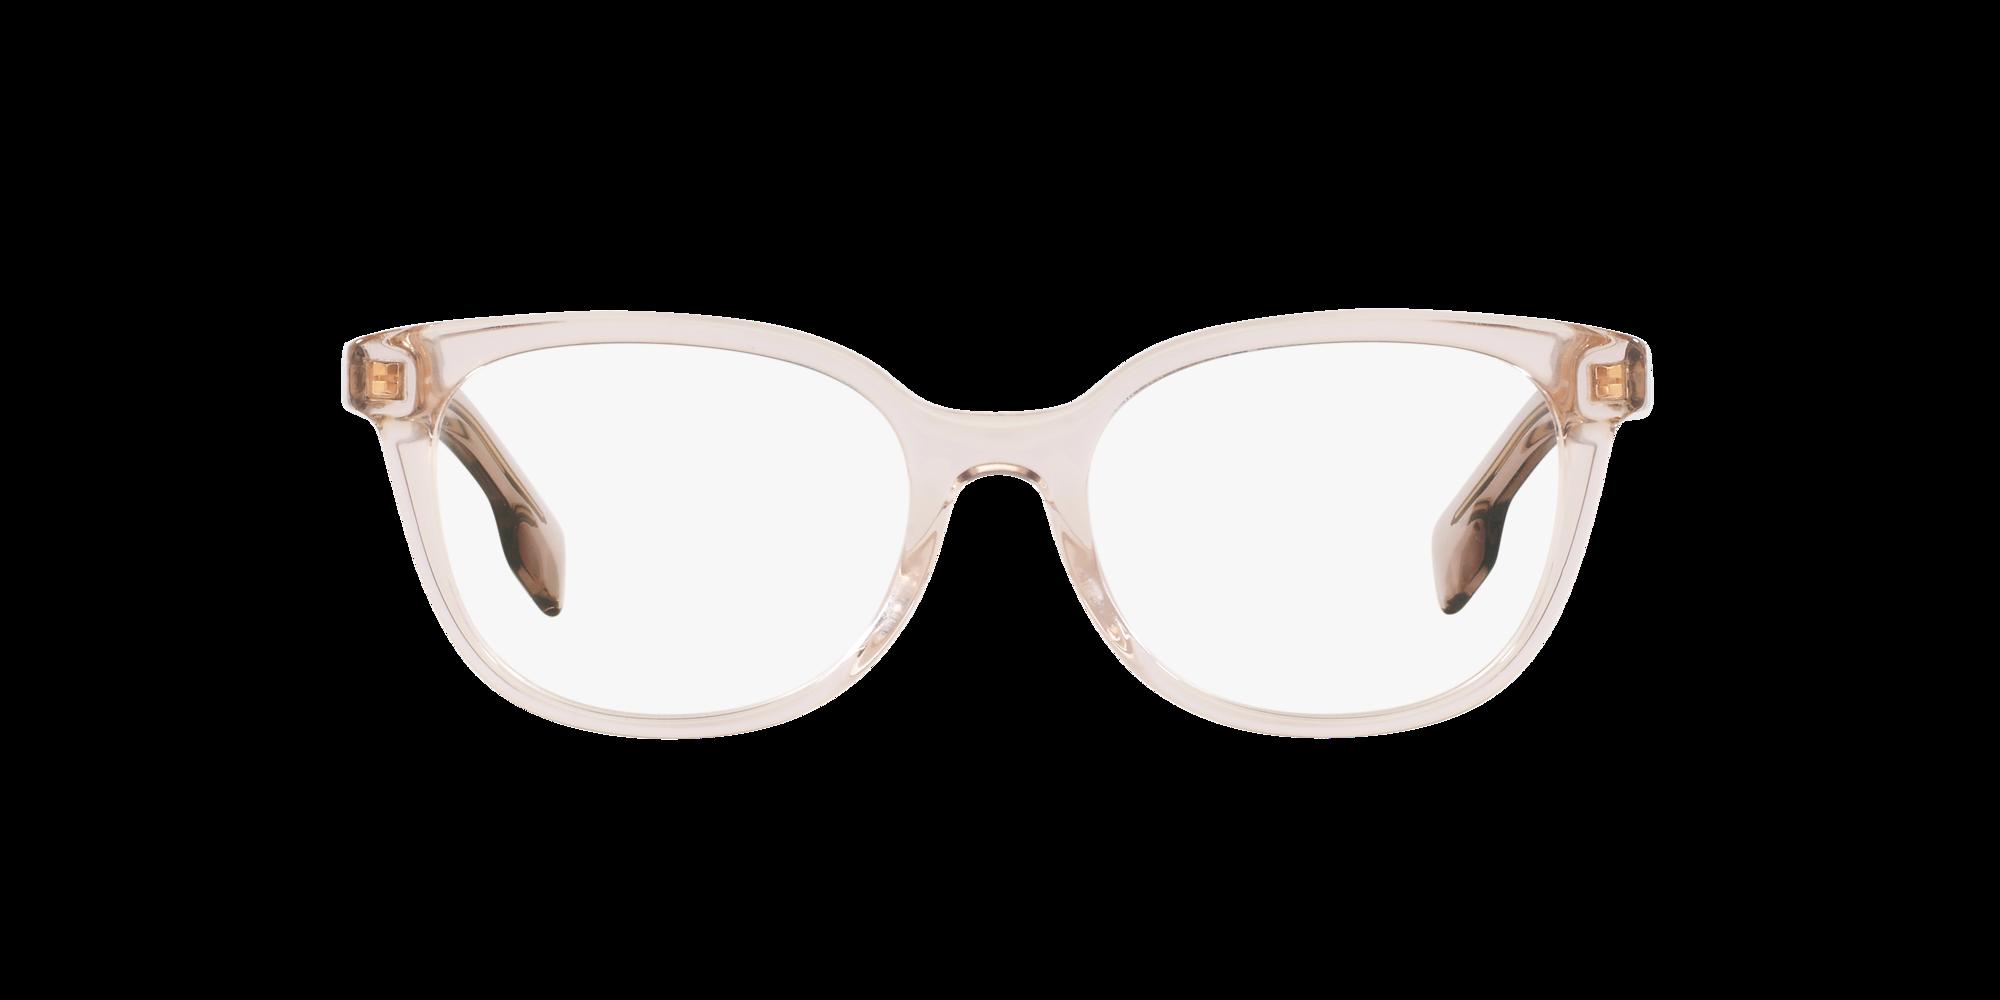 Imagen para BE2291 de LensCrafters |  Espejuelos, espejuelos graduados en línea, gafas